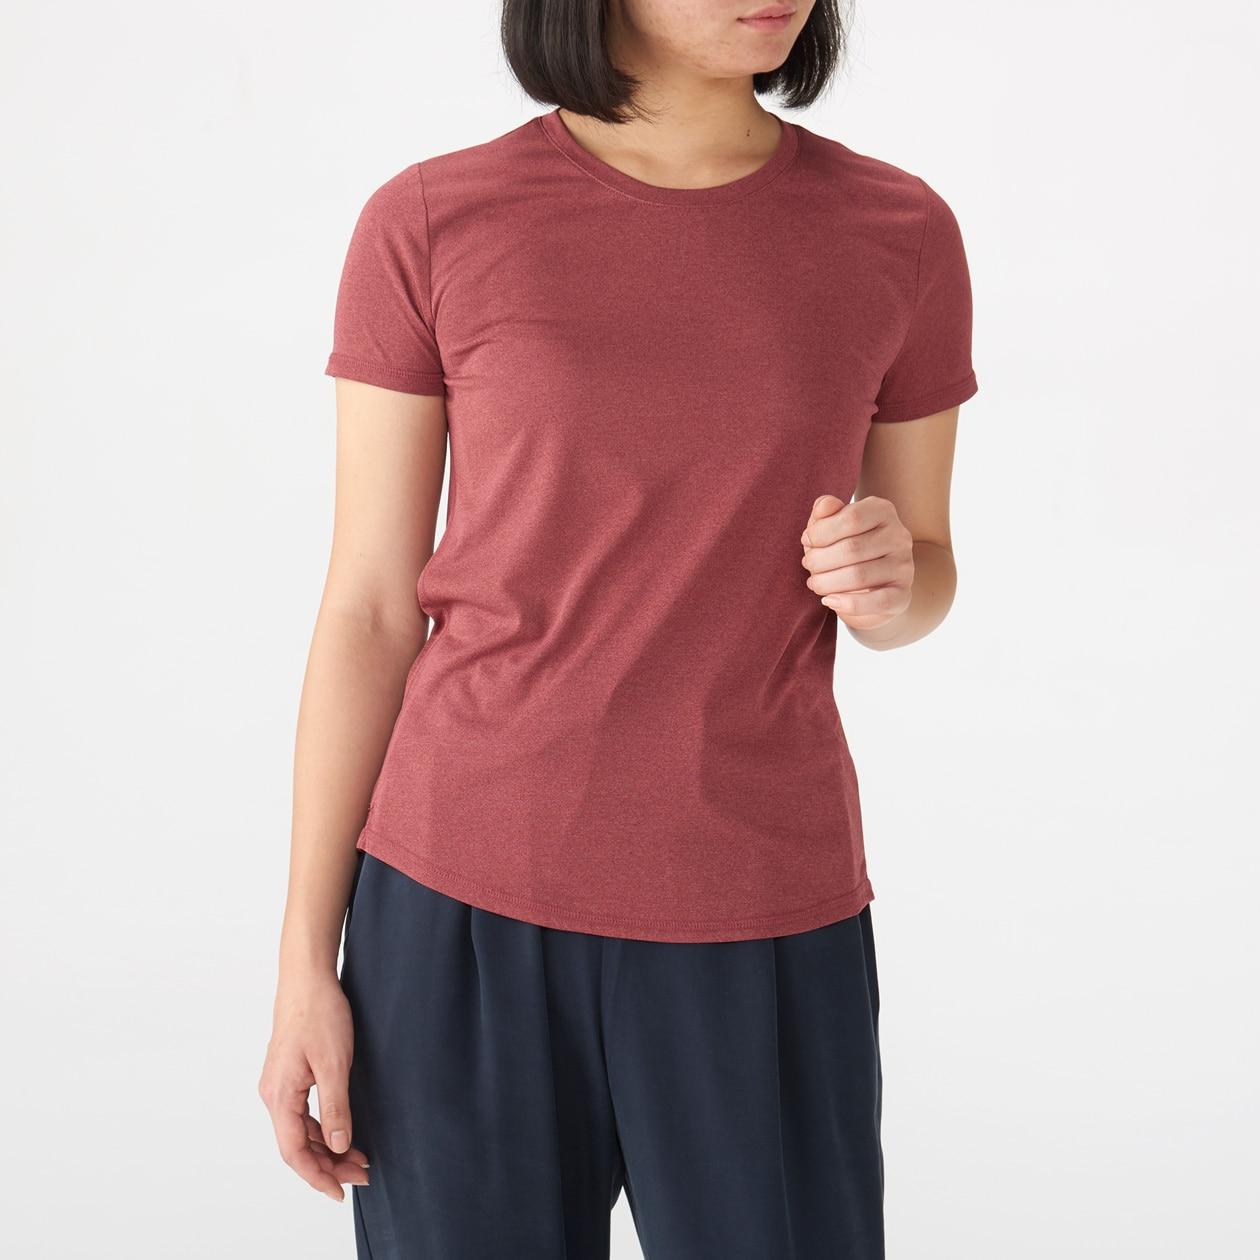 女吸汗速乾聚酯纖維短袖T恤 酒紅XL   無印良品